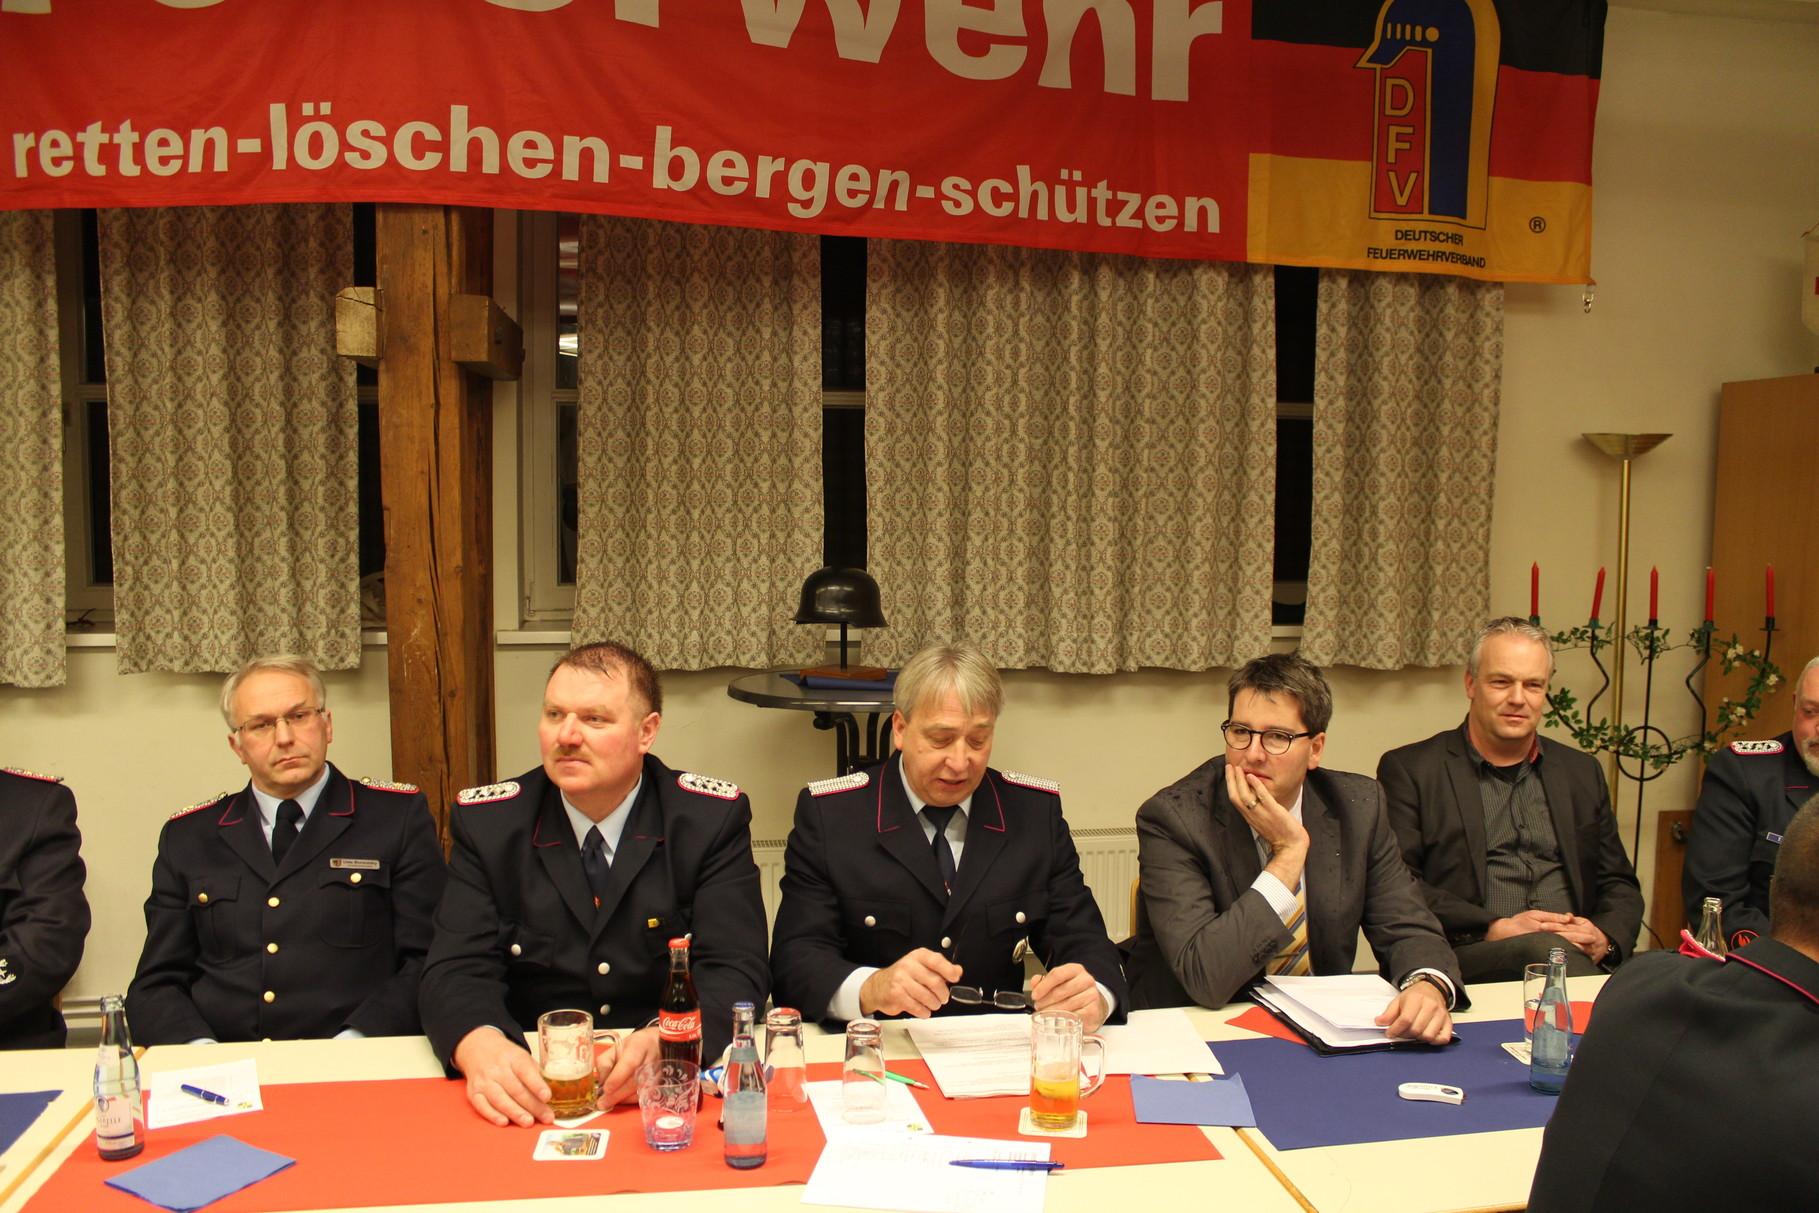 v.l. Kreisbrandmeister Herr Uwe Borsutzky, stlv. OBM J. Grimm, OBM R. Becker und OB v. Goslar Herr Dr. O. Junk, Stadt GS Herr T. Meißner